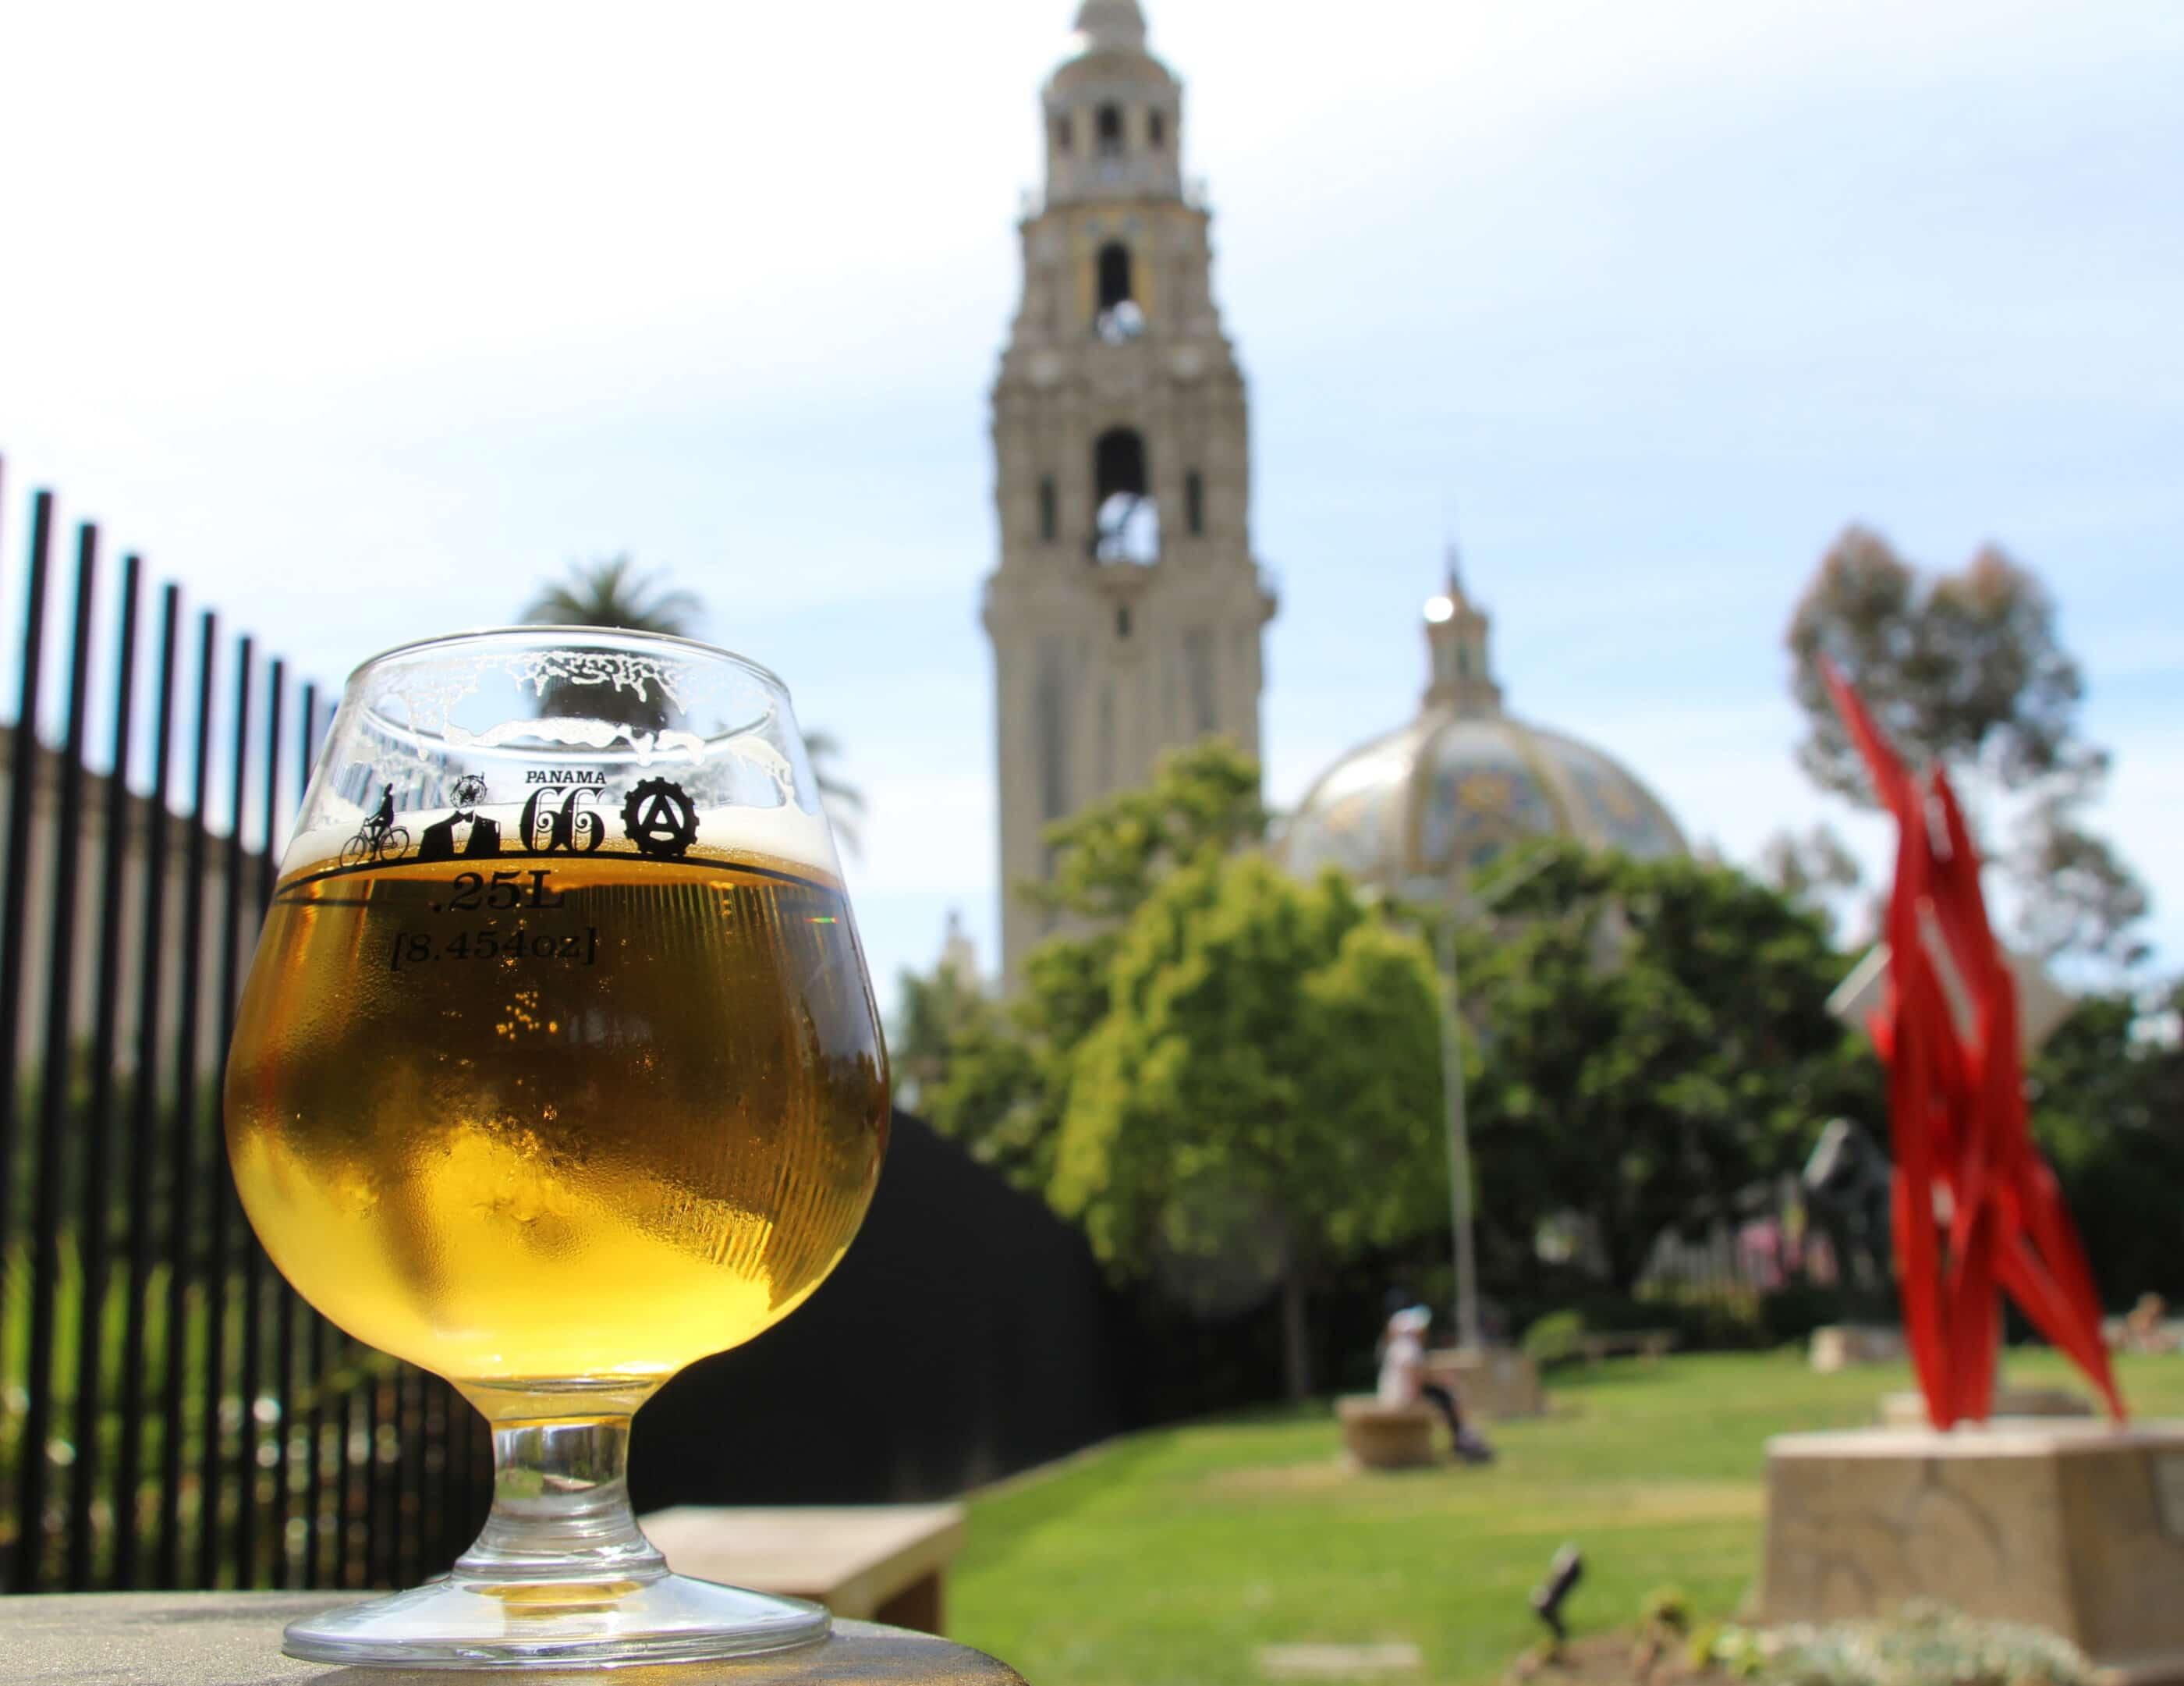 Balboa Park restaurants: Craft beer at Panama 66